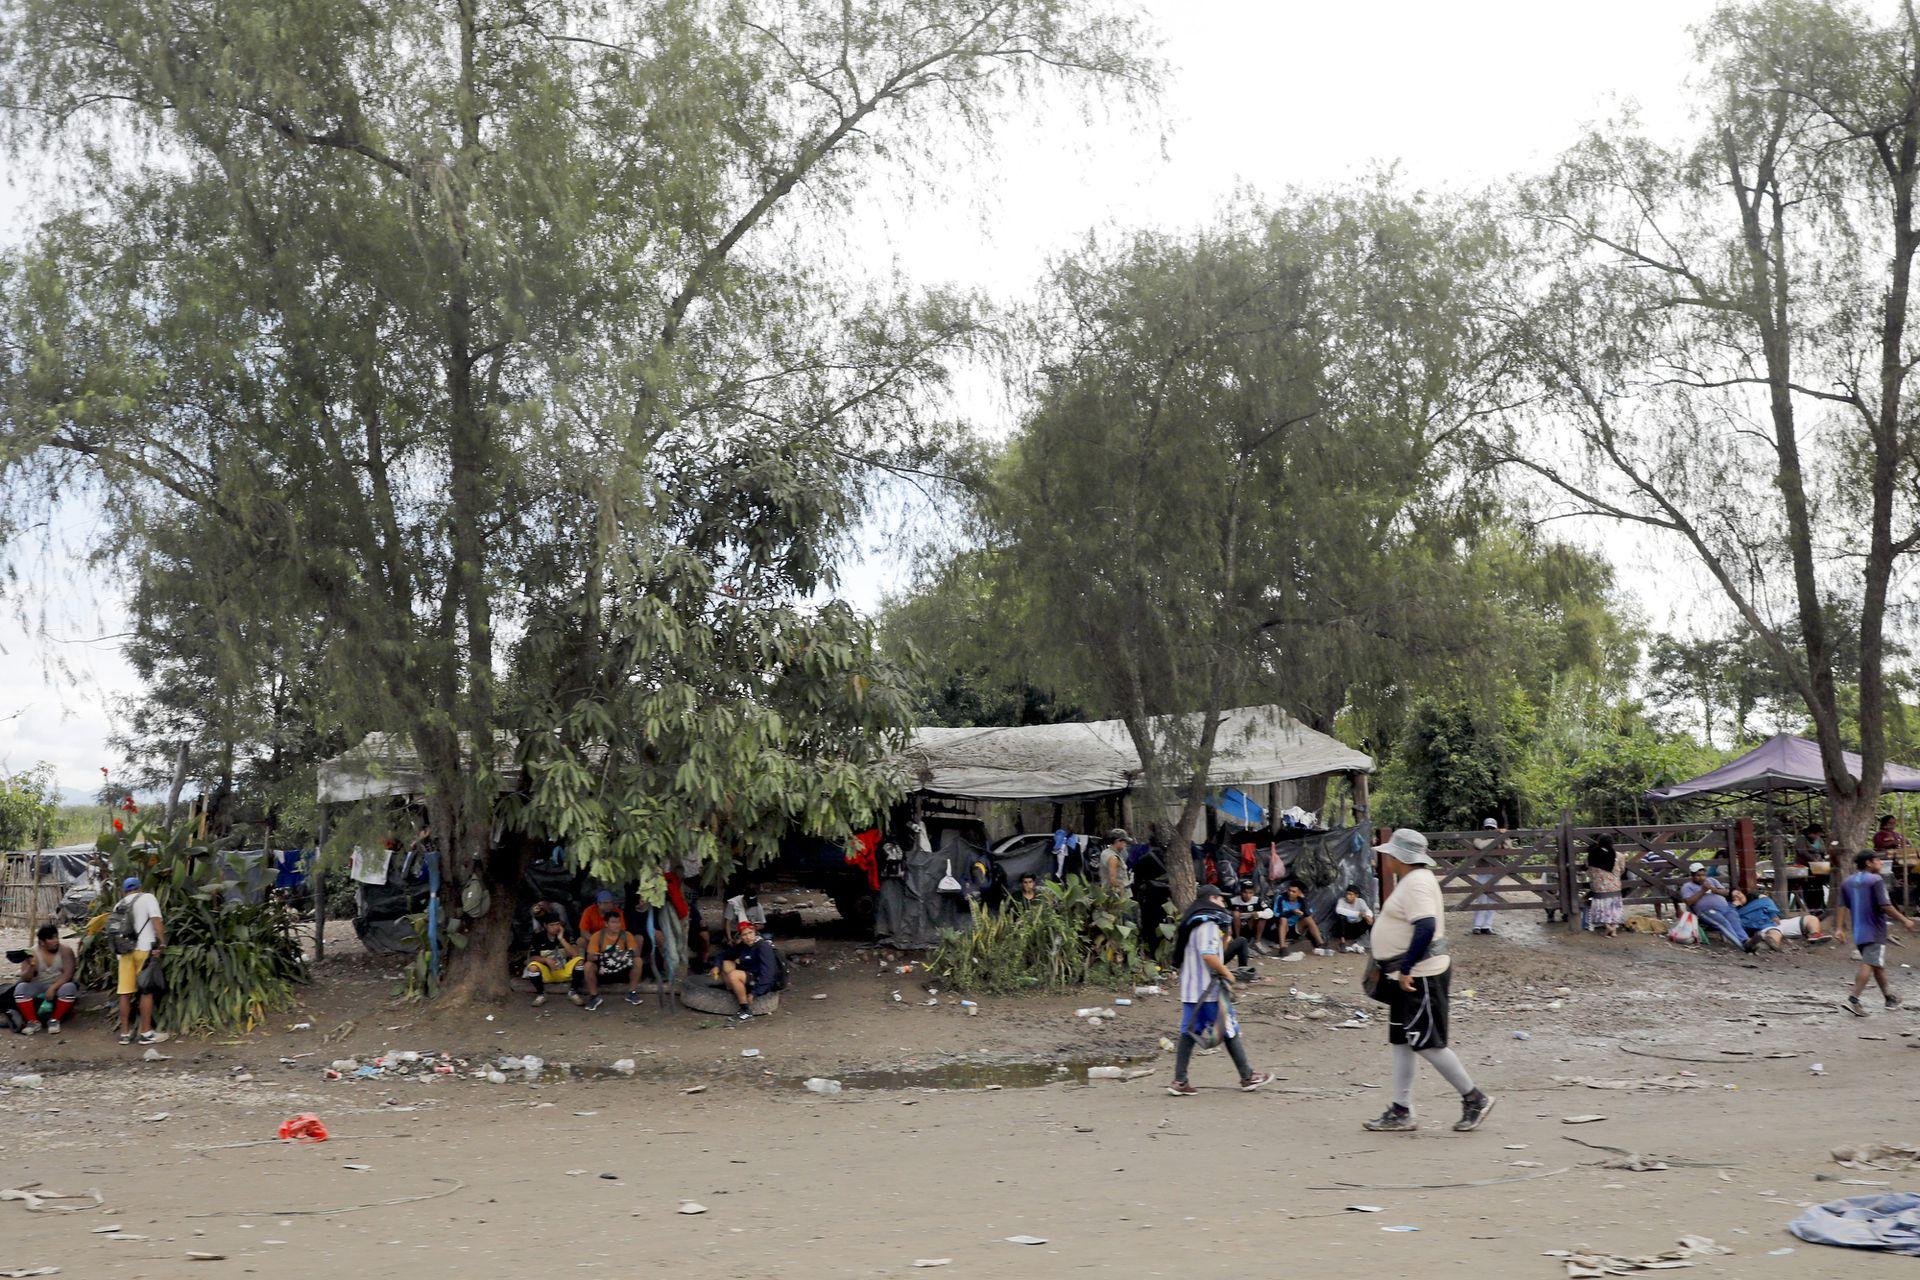 Aguas Blancas, la frontera con Bolivia, tiene mucho tráfico informal